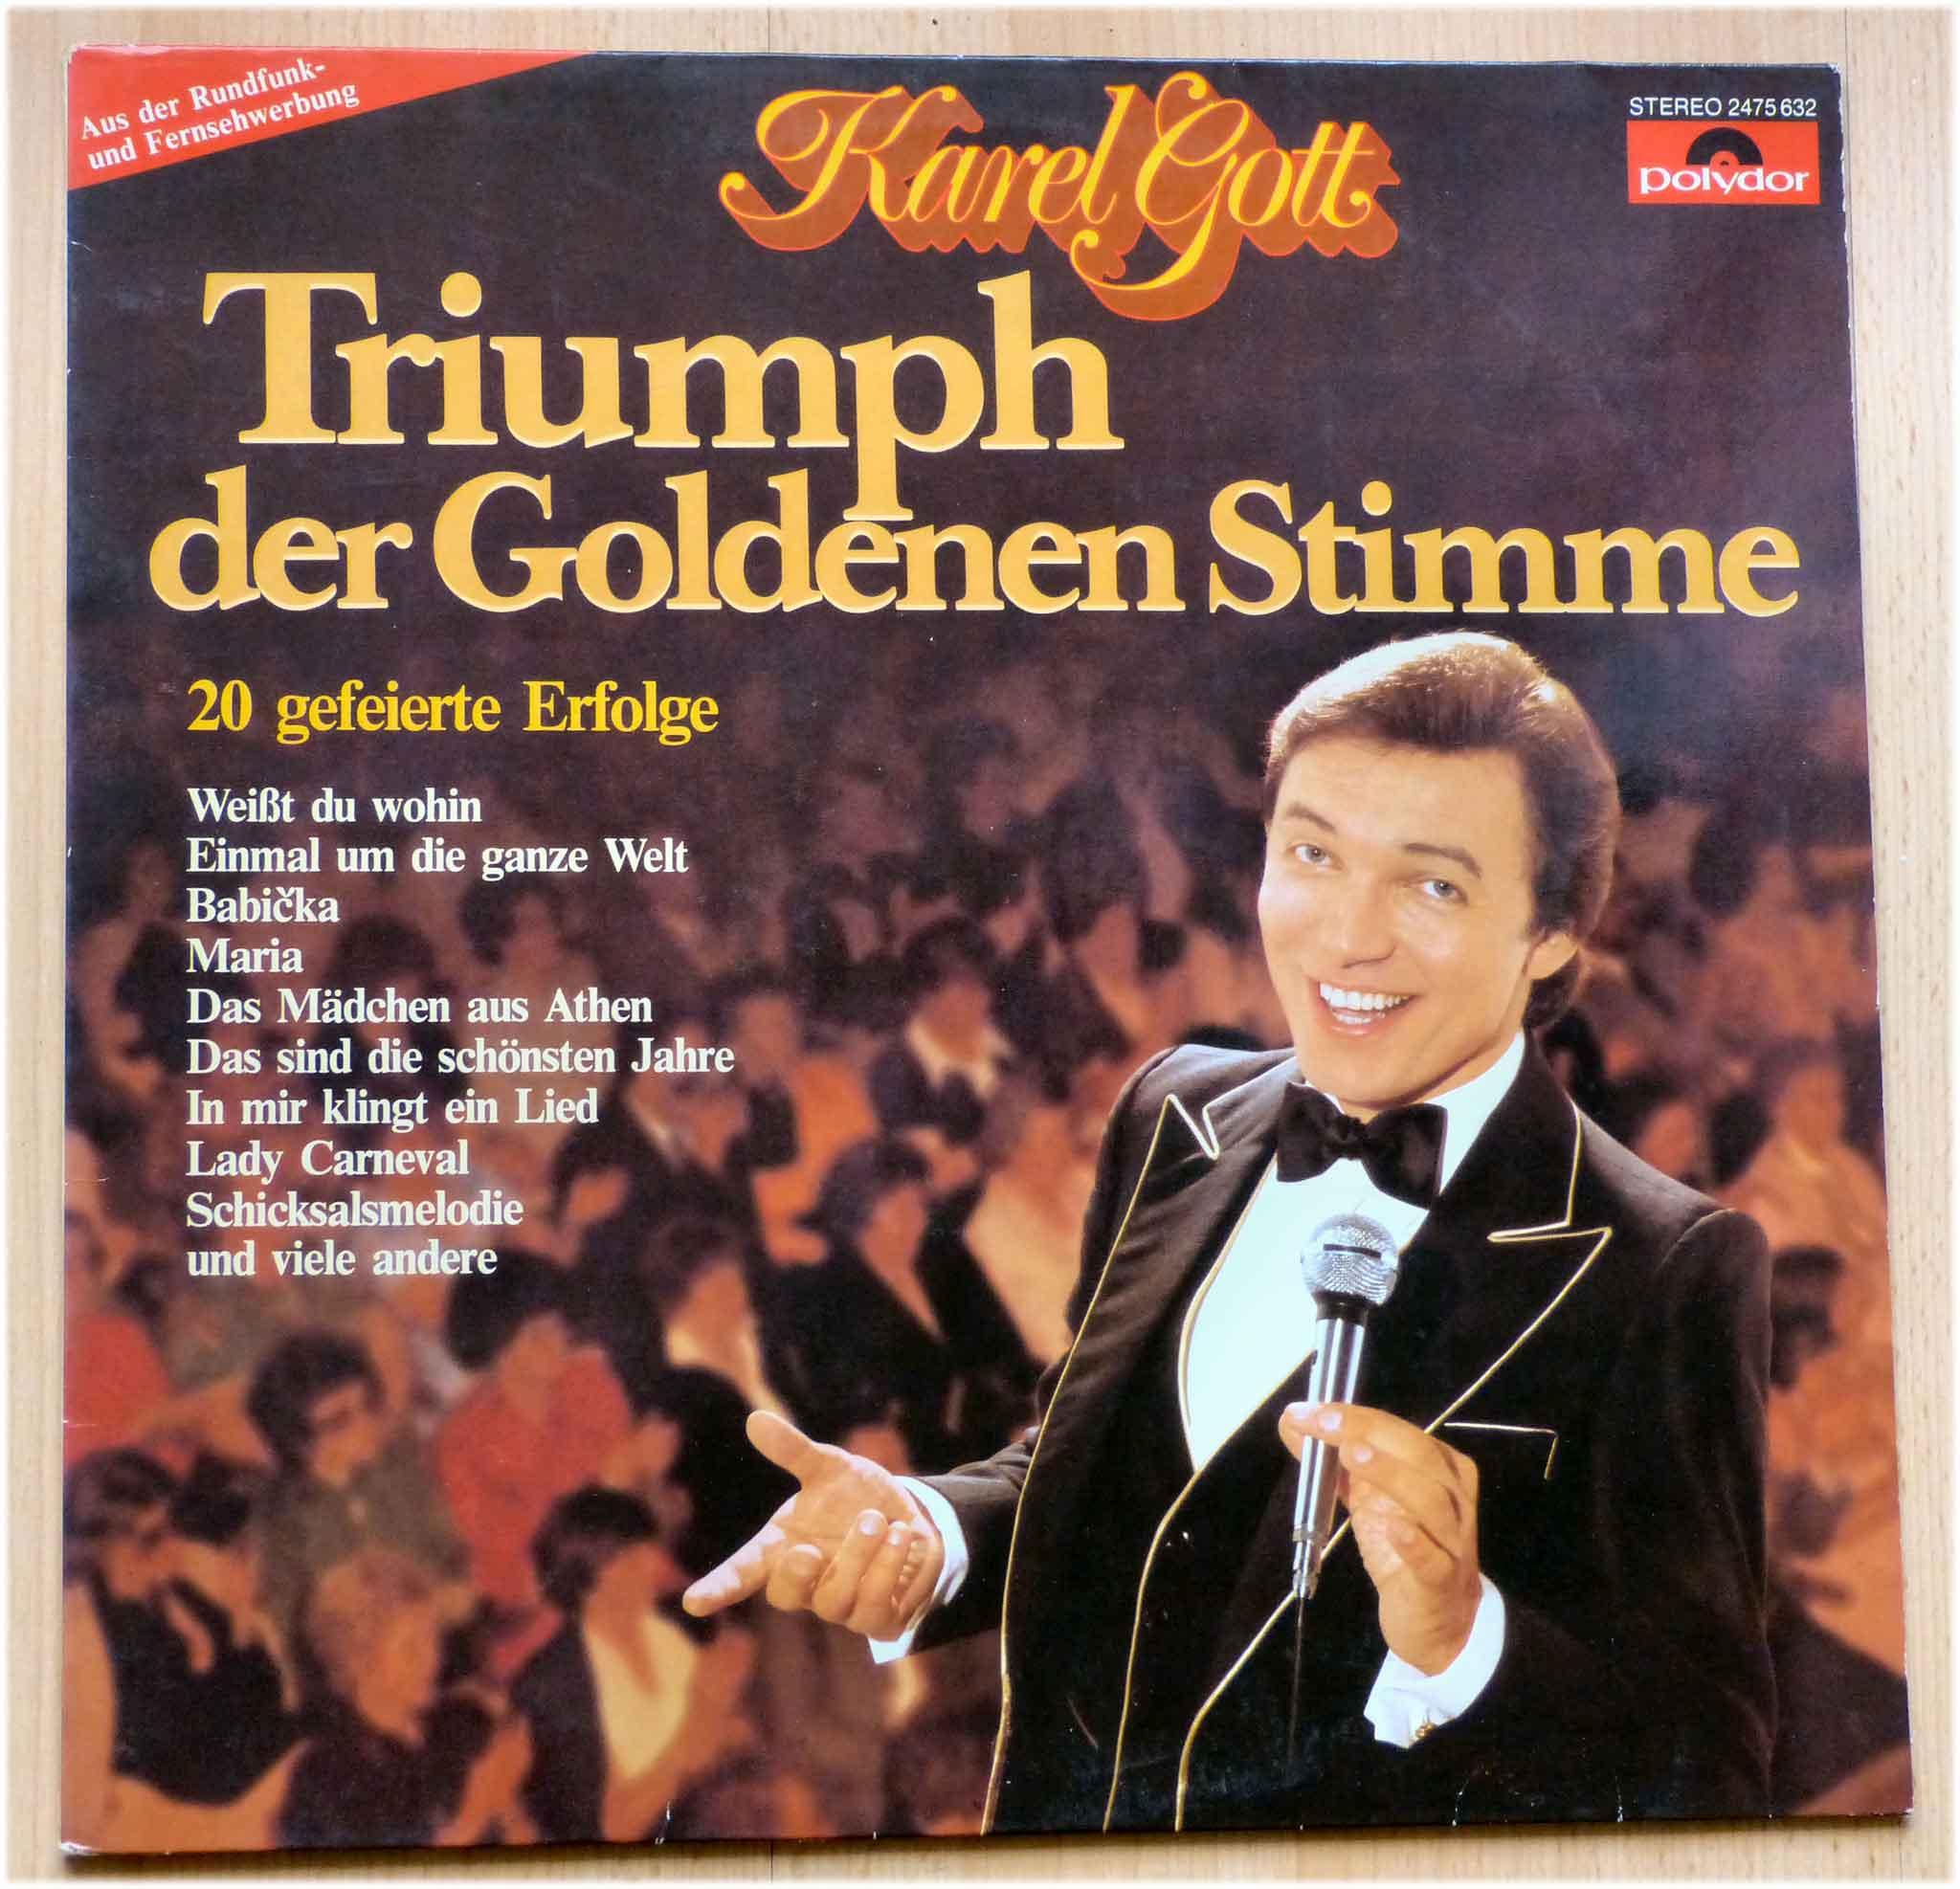 Karel Gott - Triumph der Goldenen Stimme